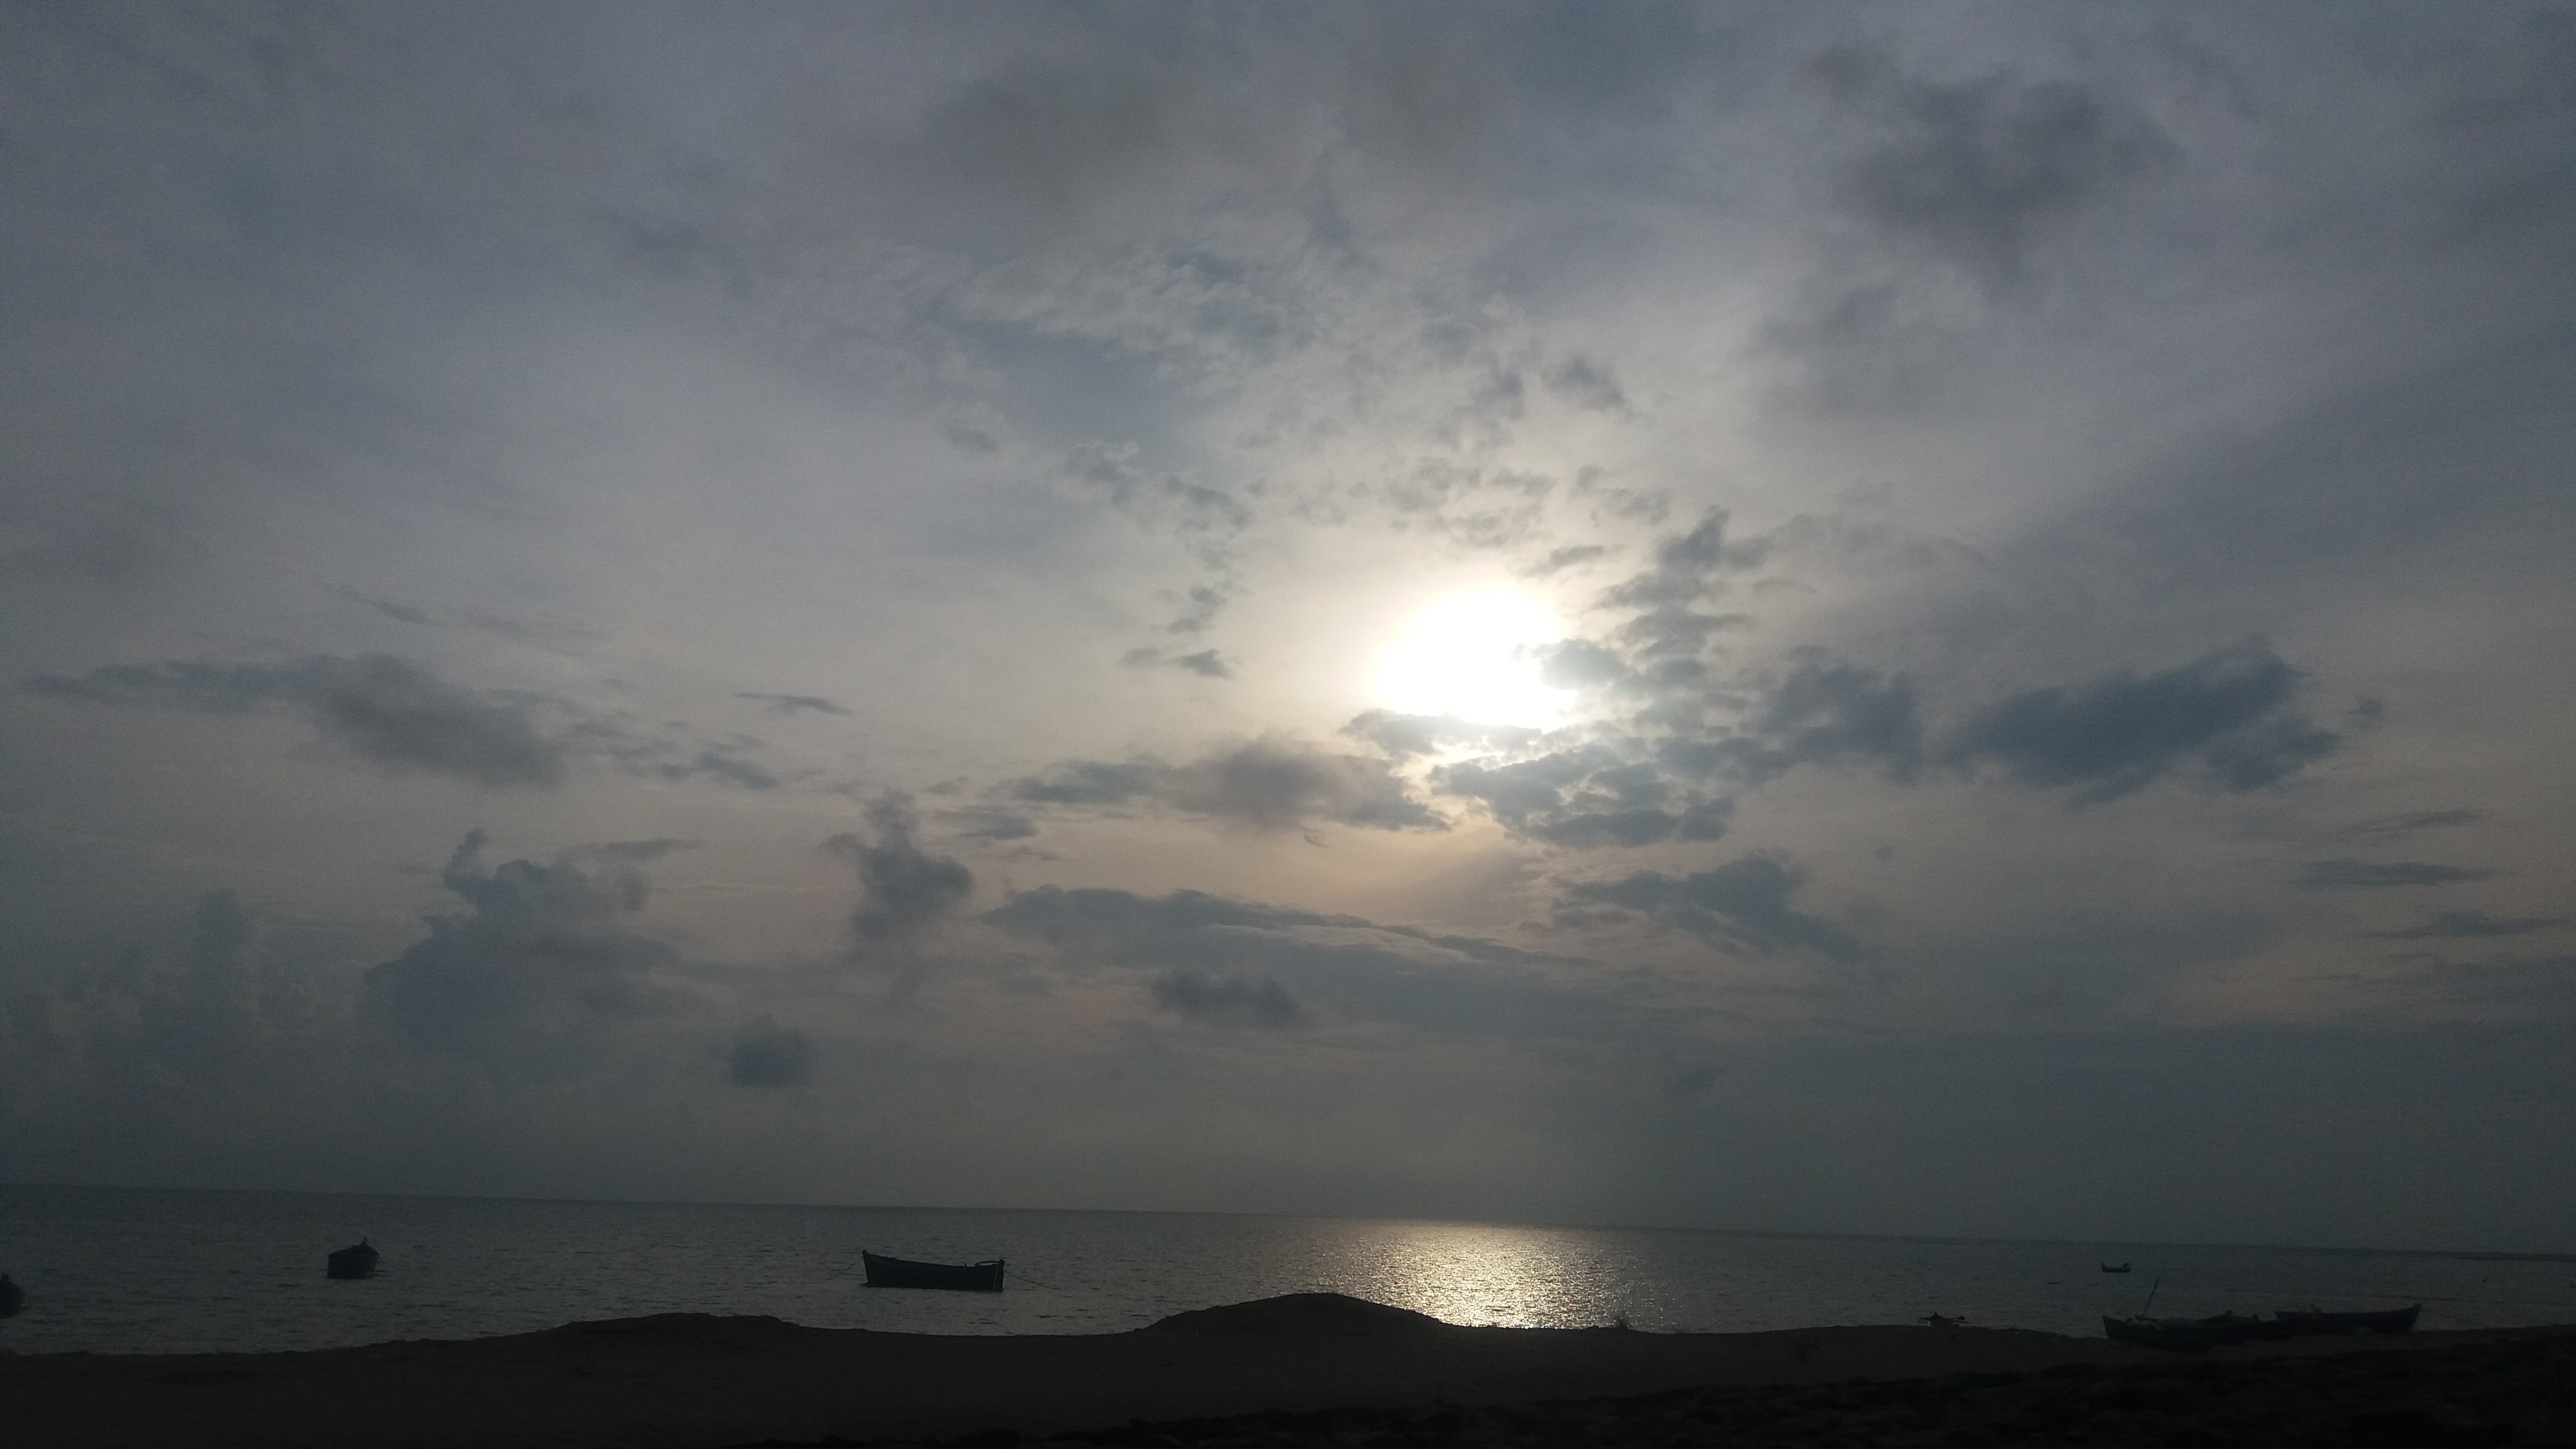 Dhanushkodi sunrise